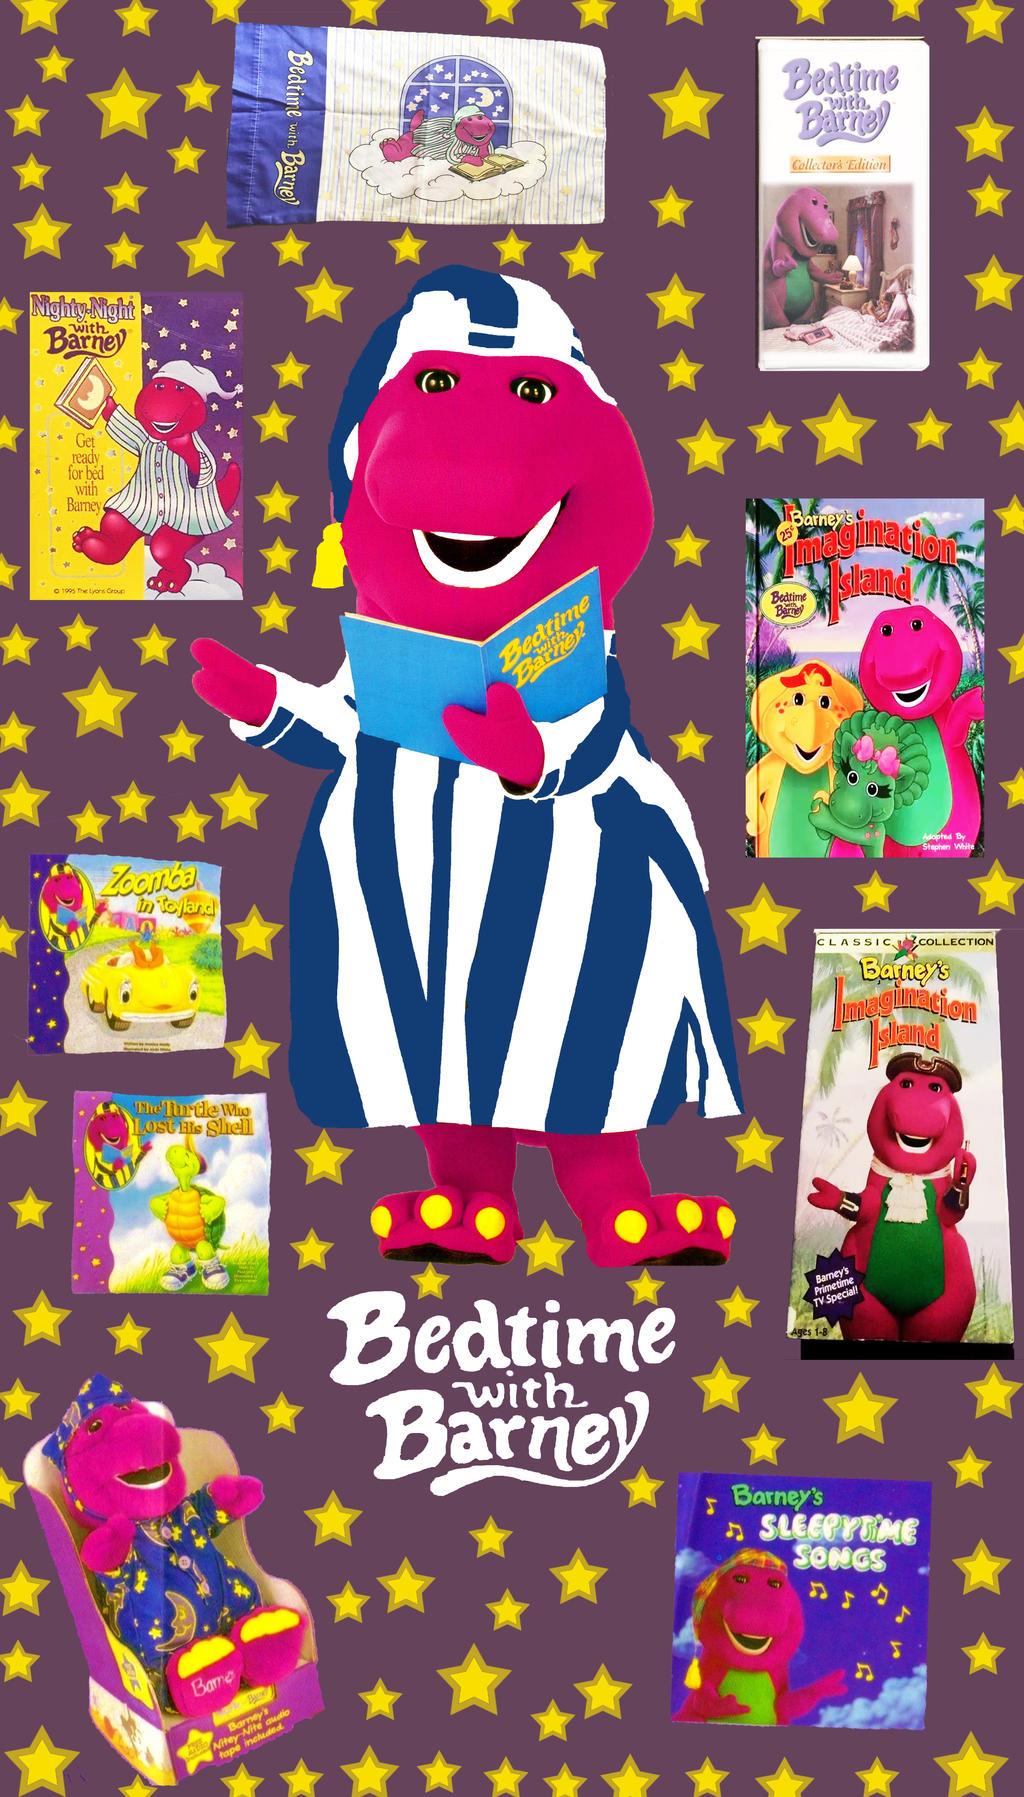 Bedtime With Barney By Jeremycrispo19 On Deviantart